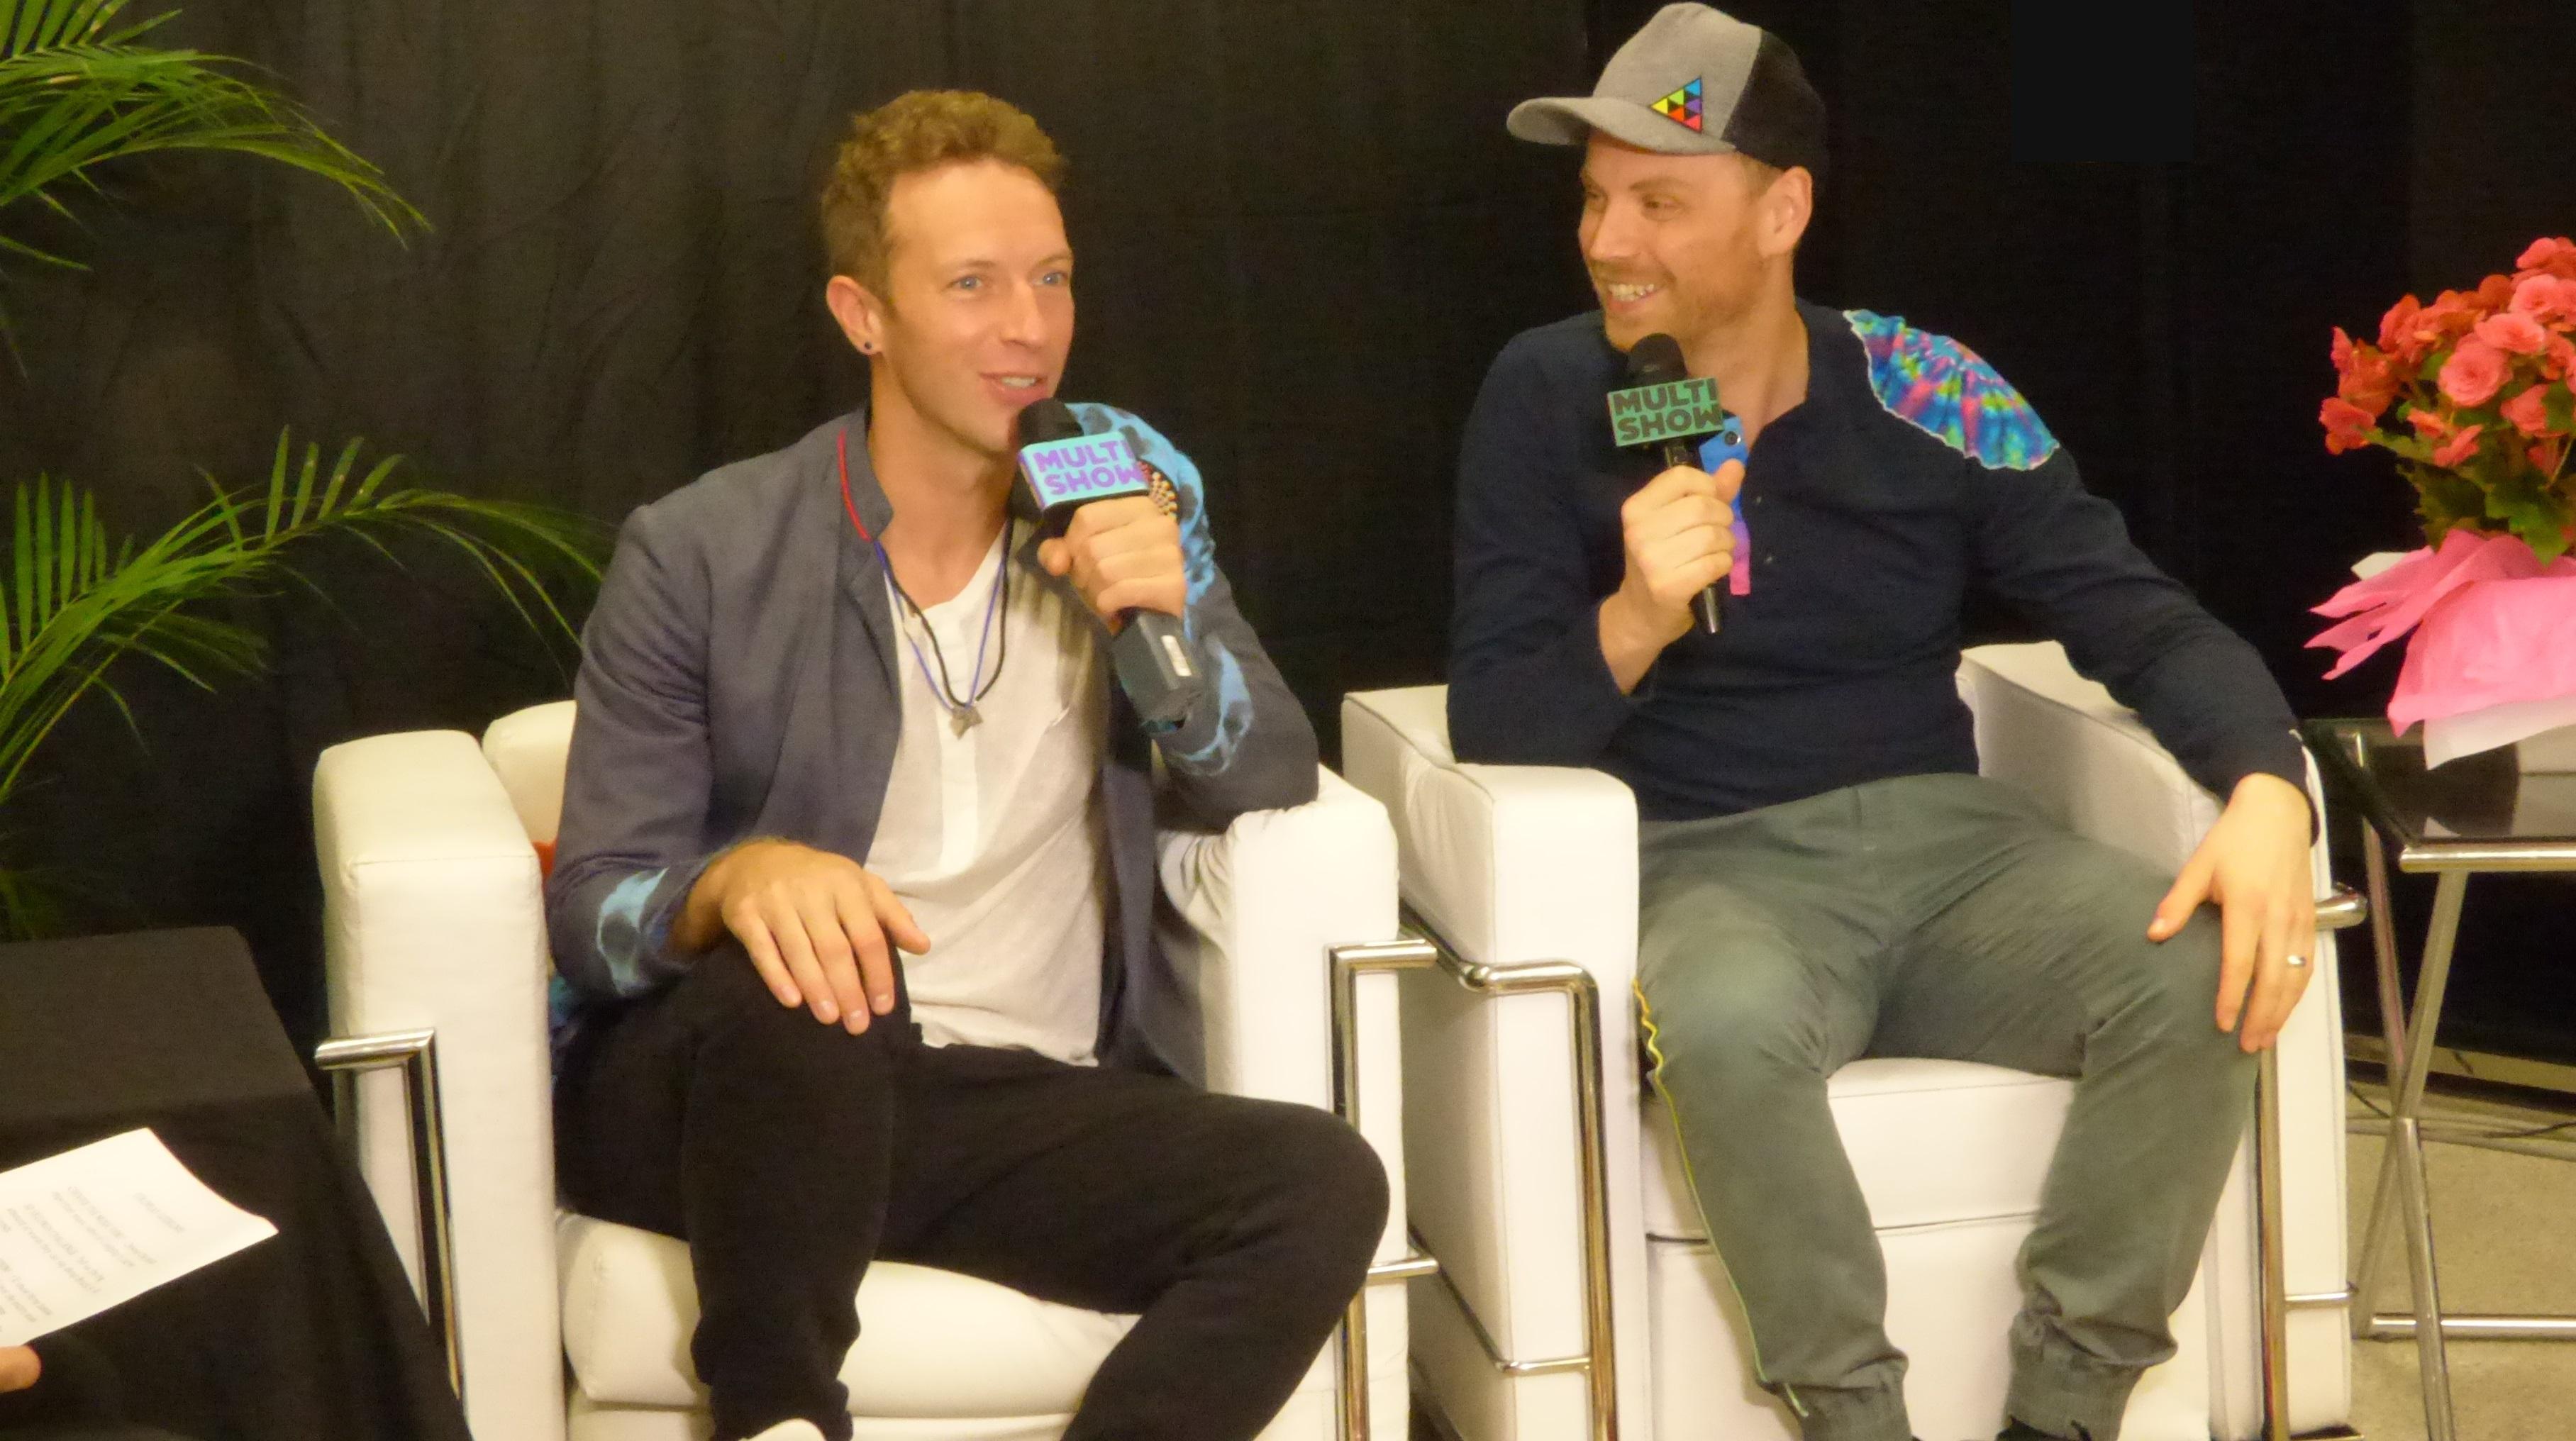 Chris Martin e Jonny Buckland, vocalista e guitarrista do Coldplay, selecionam as suas músicas preferidas